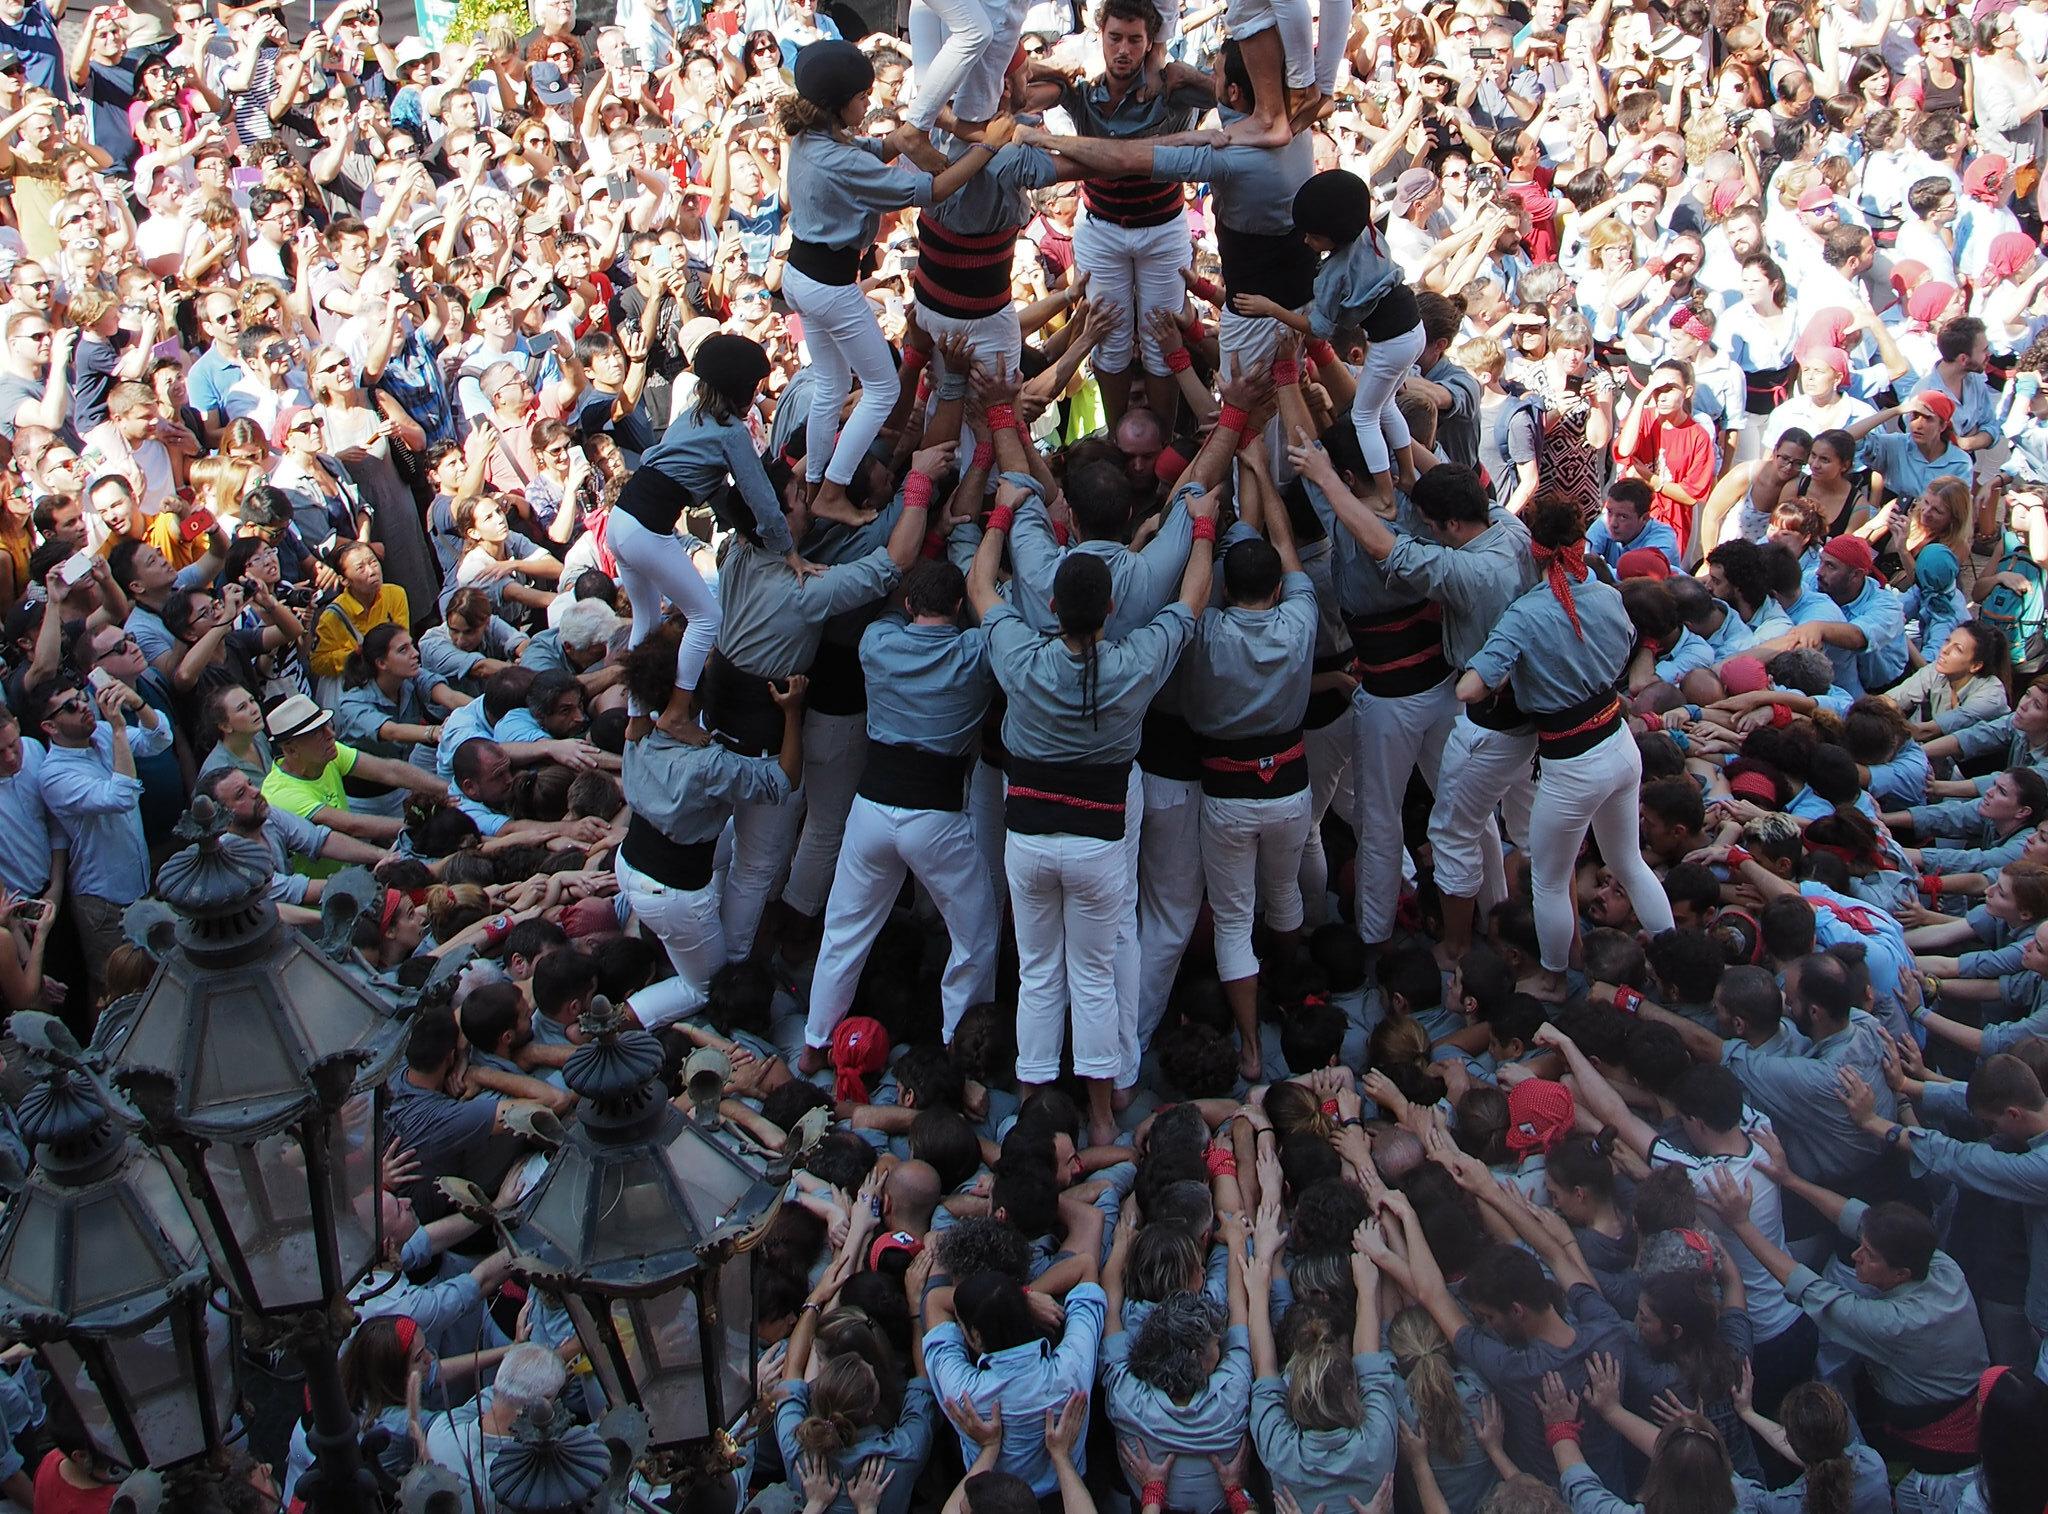 La Mercè, Barcelona 24 de setembre de 2017